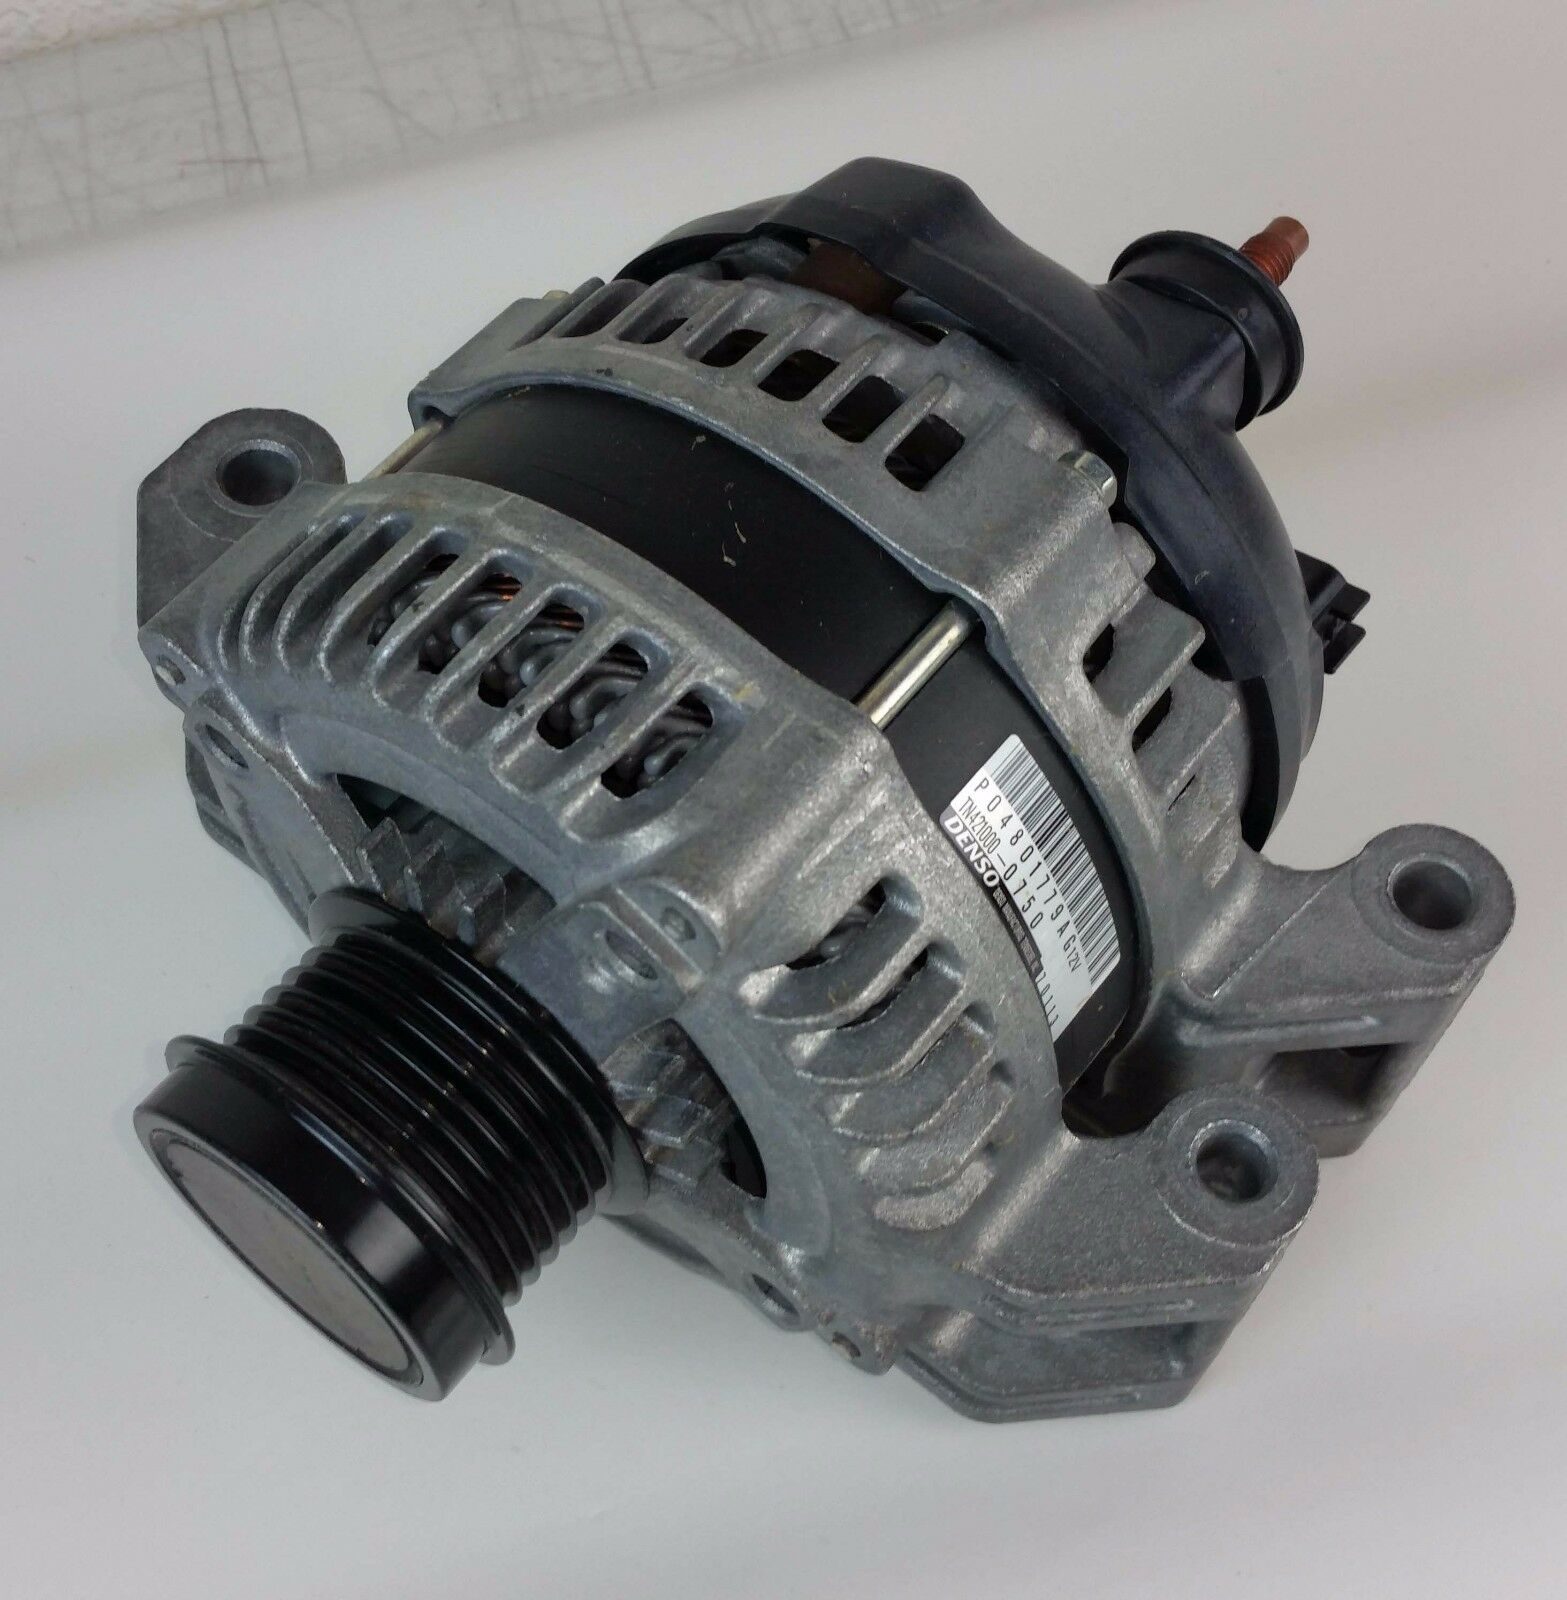 exciting 2011 dodge charger alternator aratorn sport cars. Black Bedroom Furniture Sets. Home Design Ideas